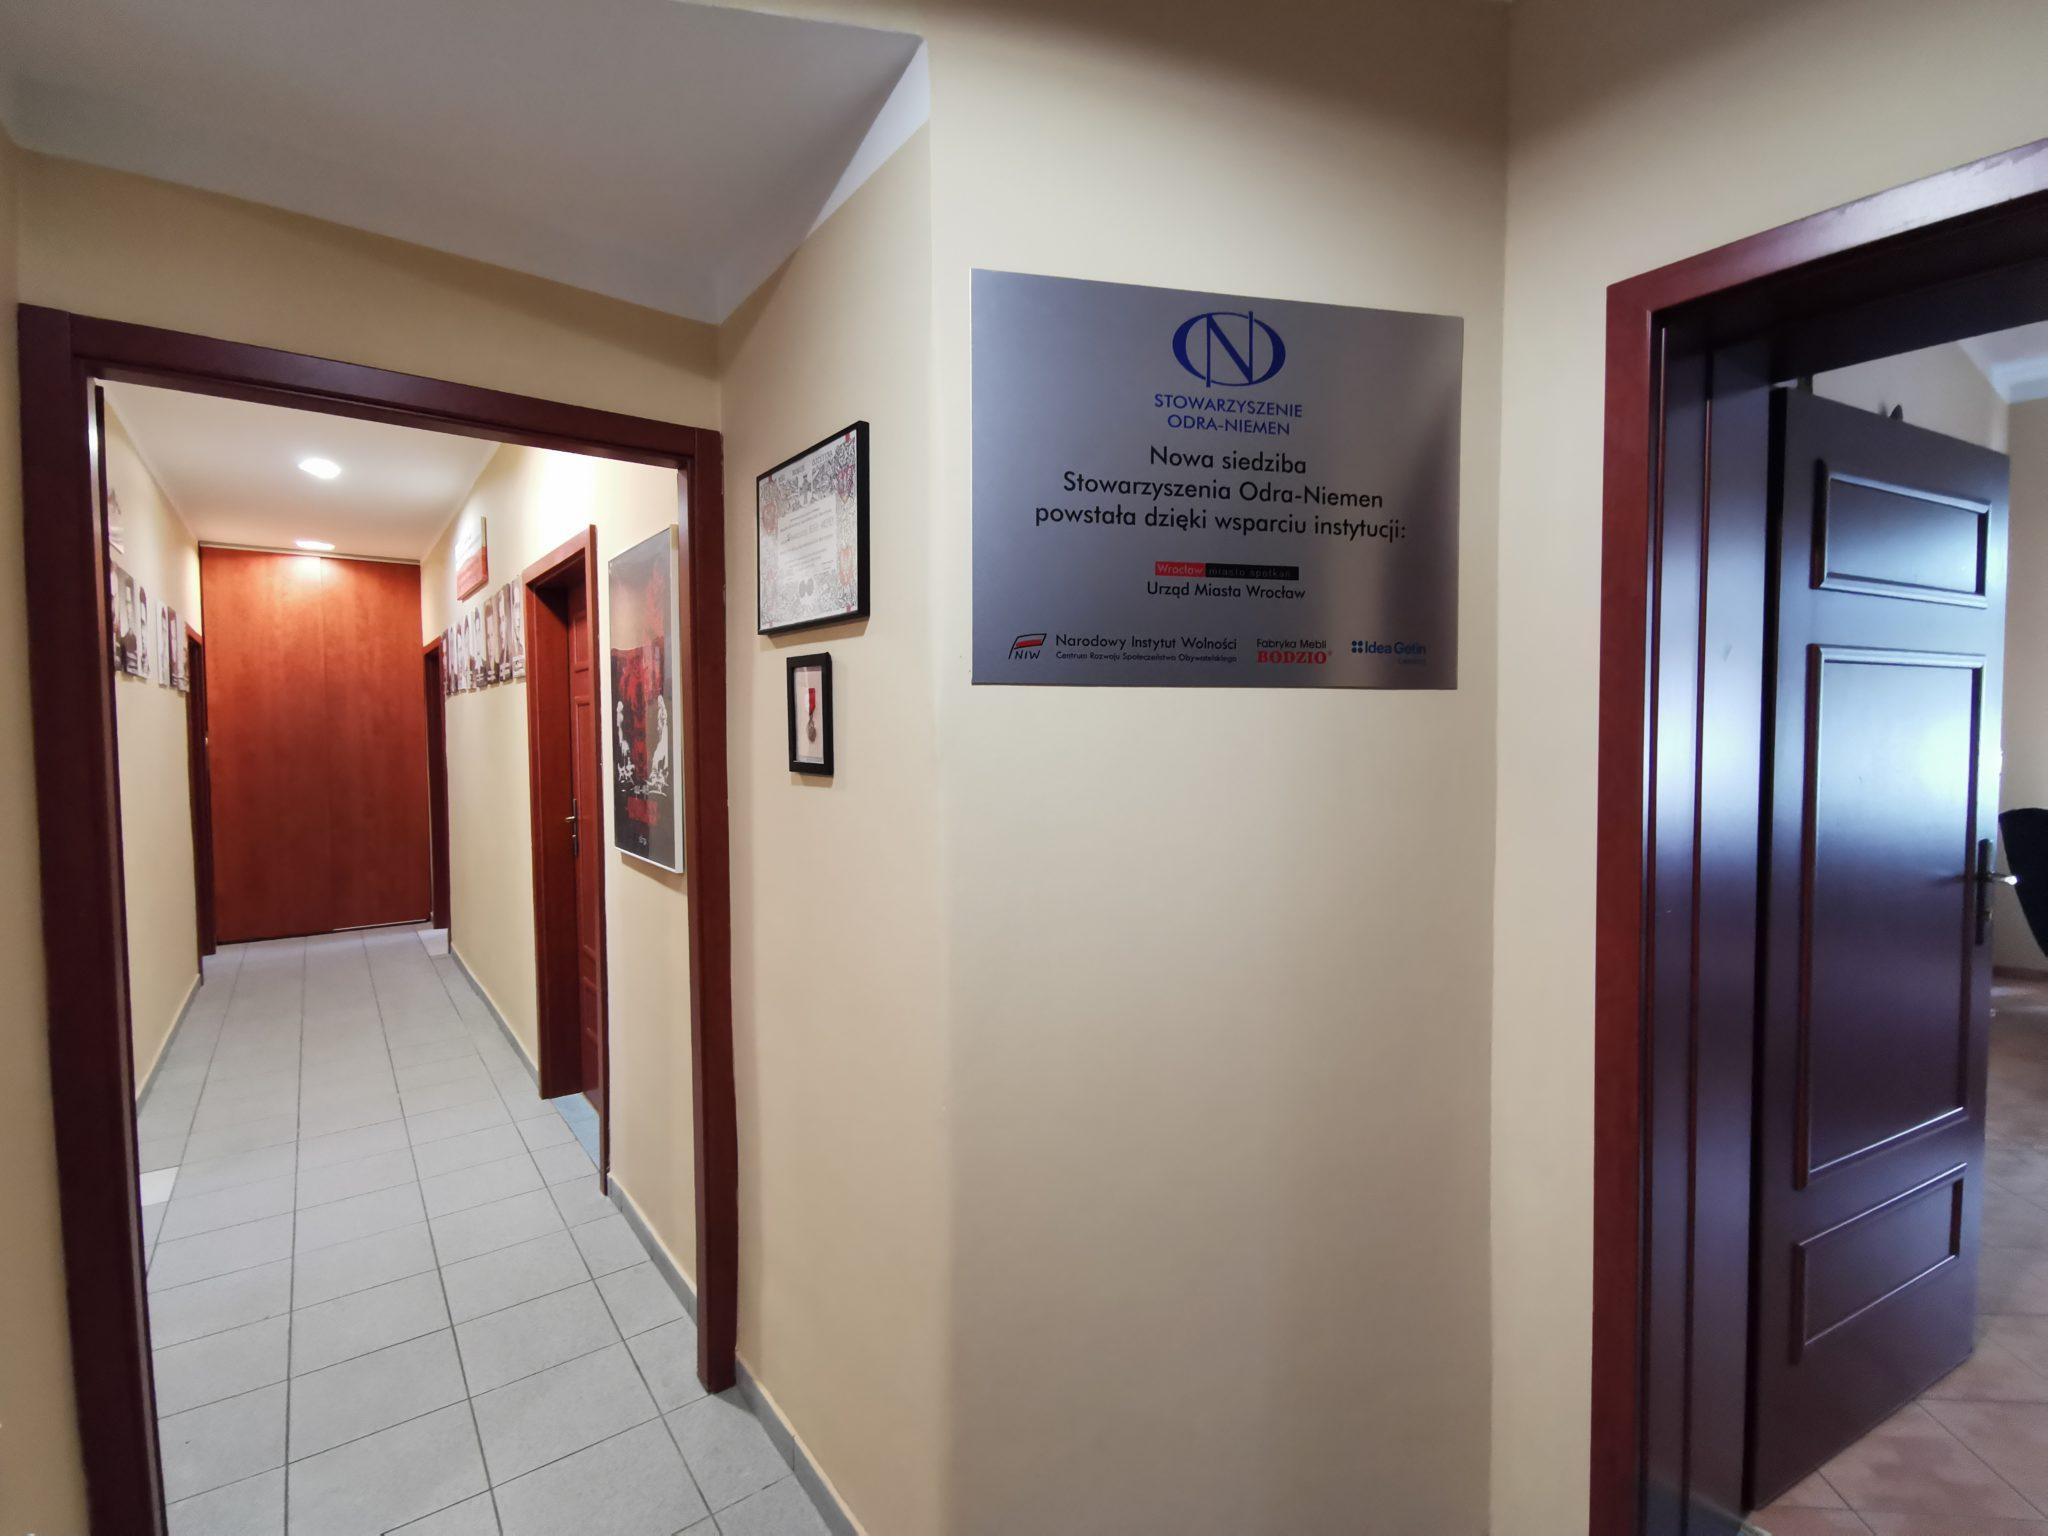 Wejście do nowej siedziby Odra-Niemen – centrum Wrocławia